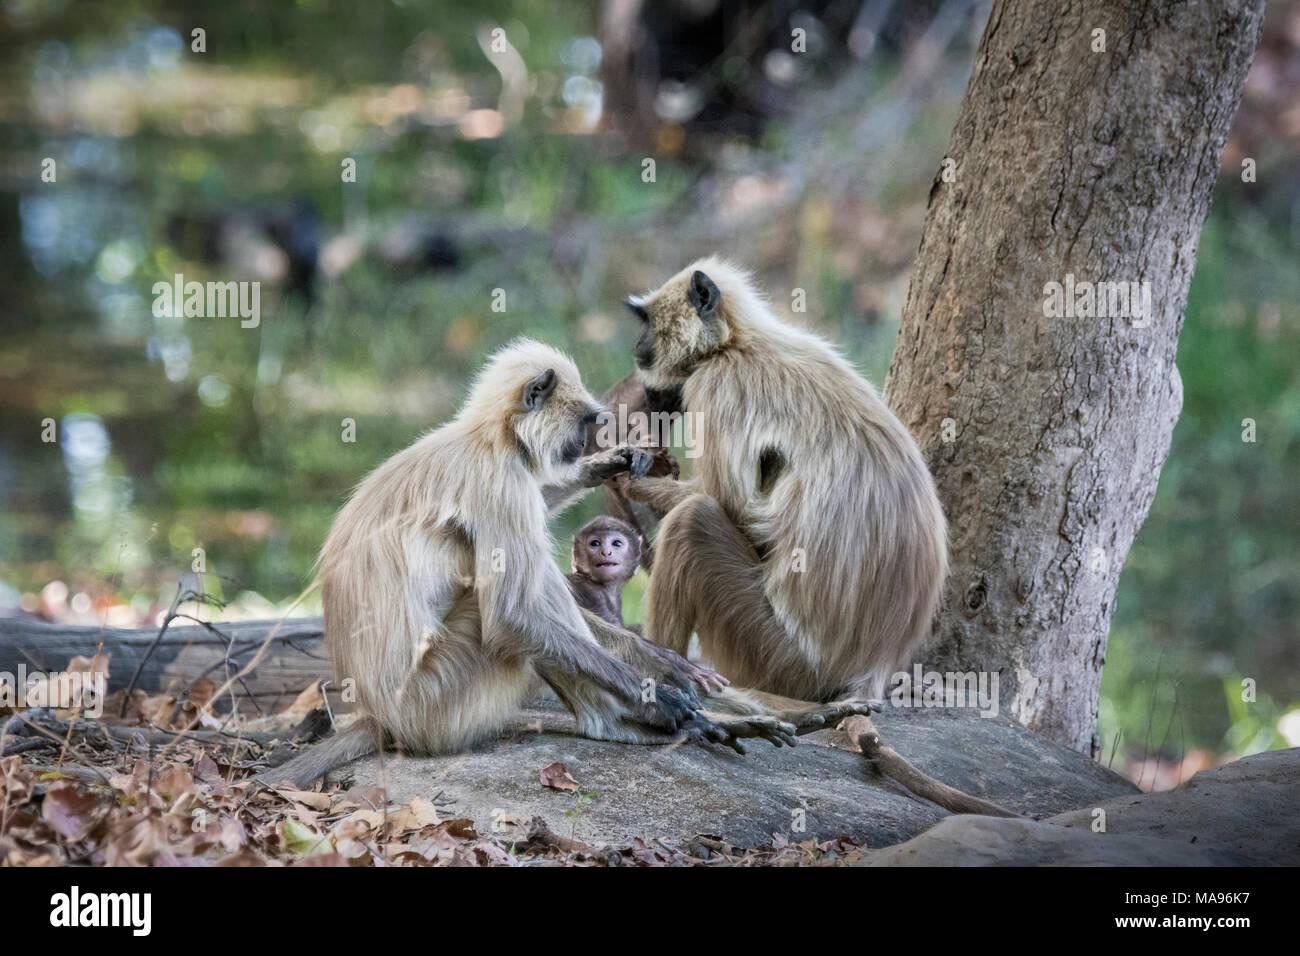 Famiglia di wild Langurs grigio o Hanuman Langurs, Semnopithecus, con piccolo bambino guardando con amore, Bandhavgarh National Park, Madhya Pradesh, India Immagini Stock